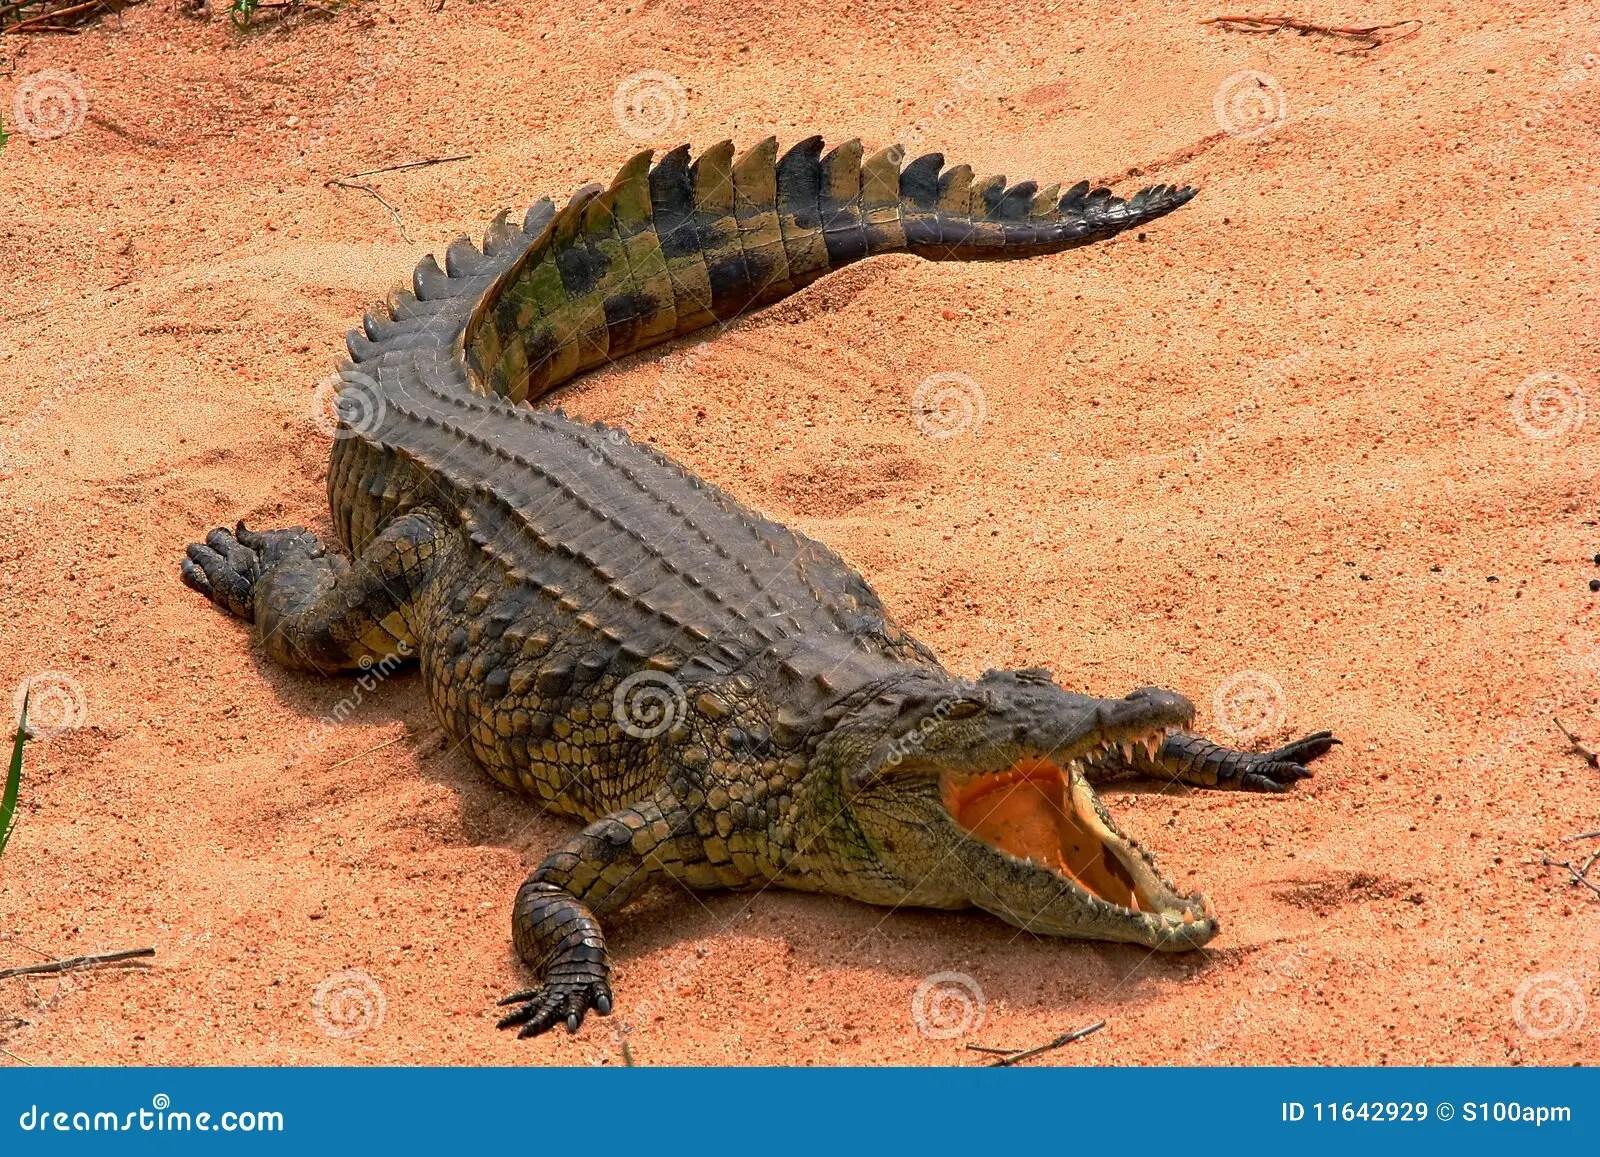 Reptiles For Ks1 And Ks2 Children